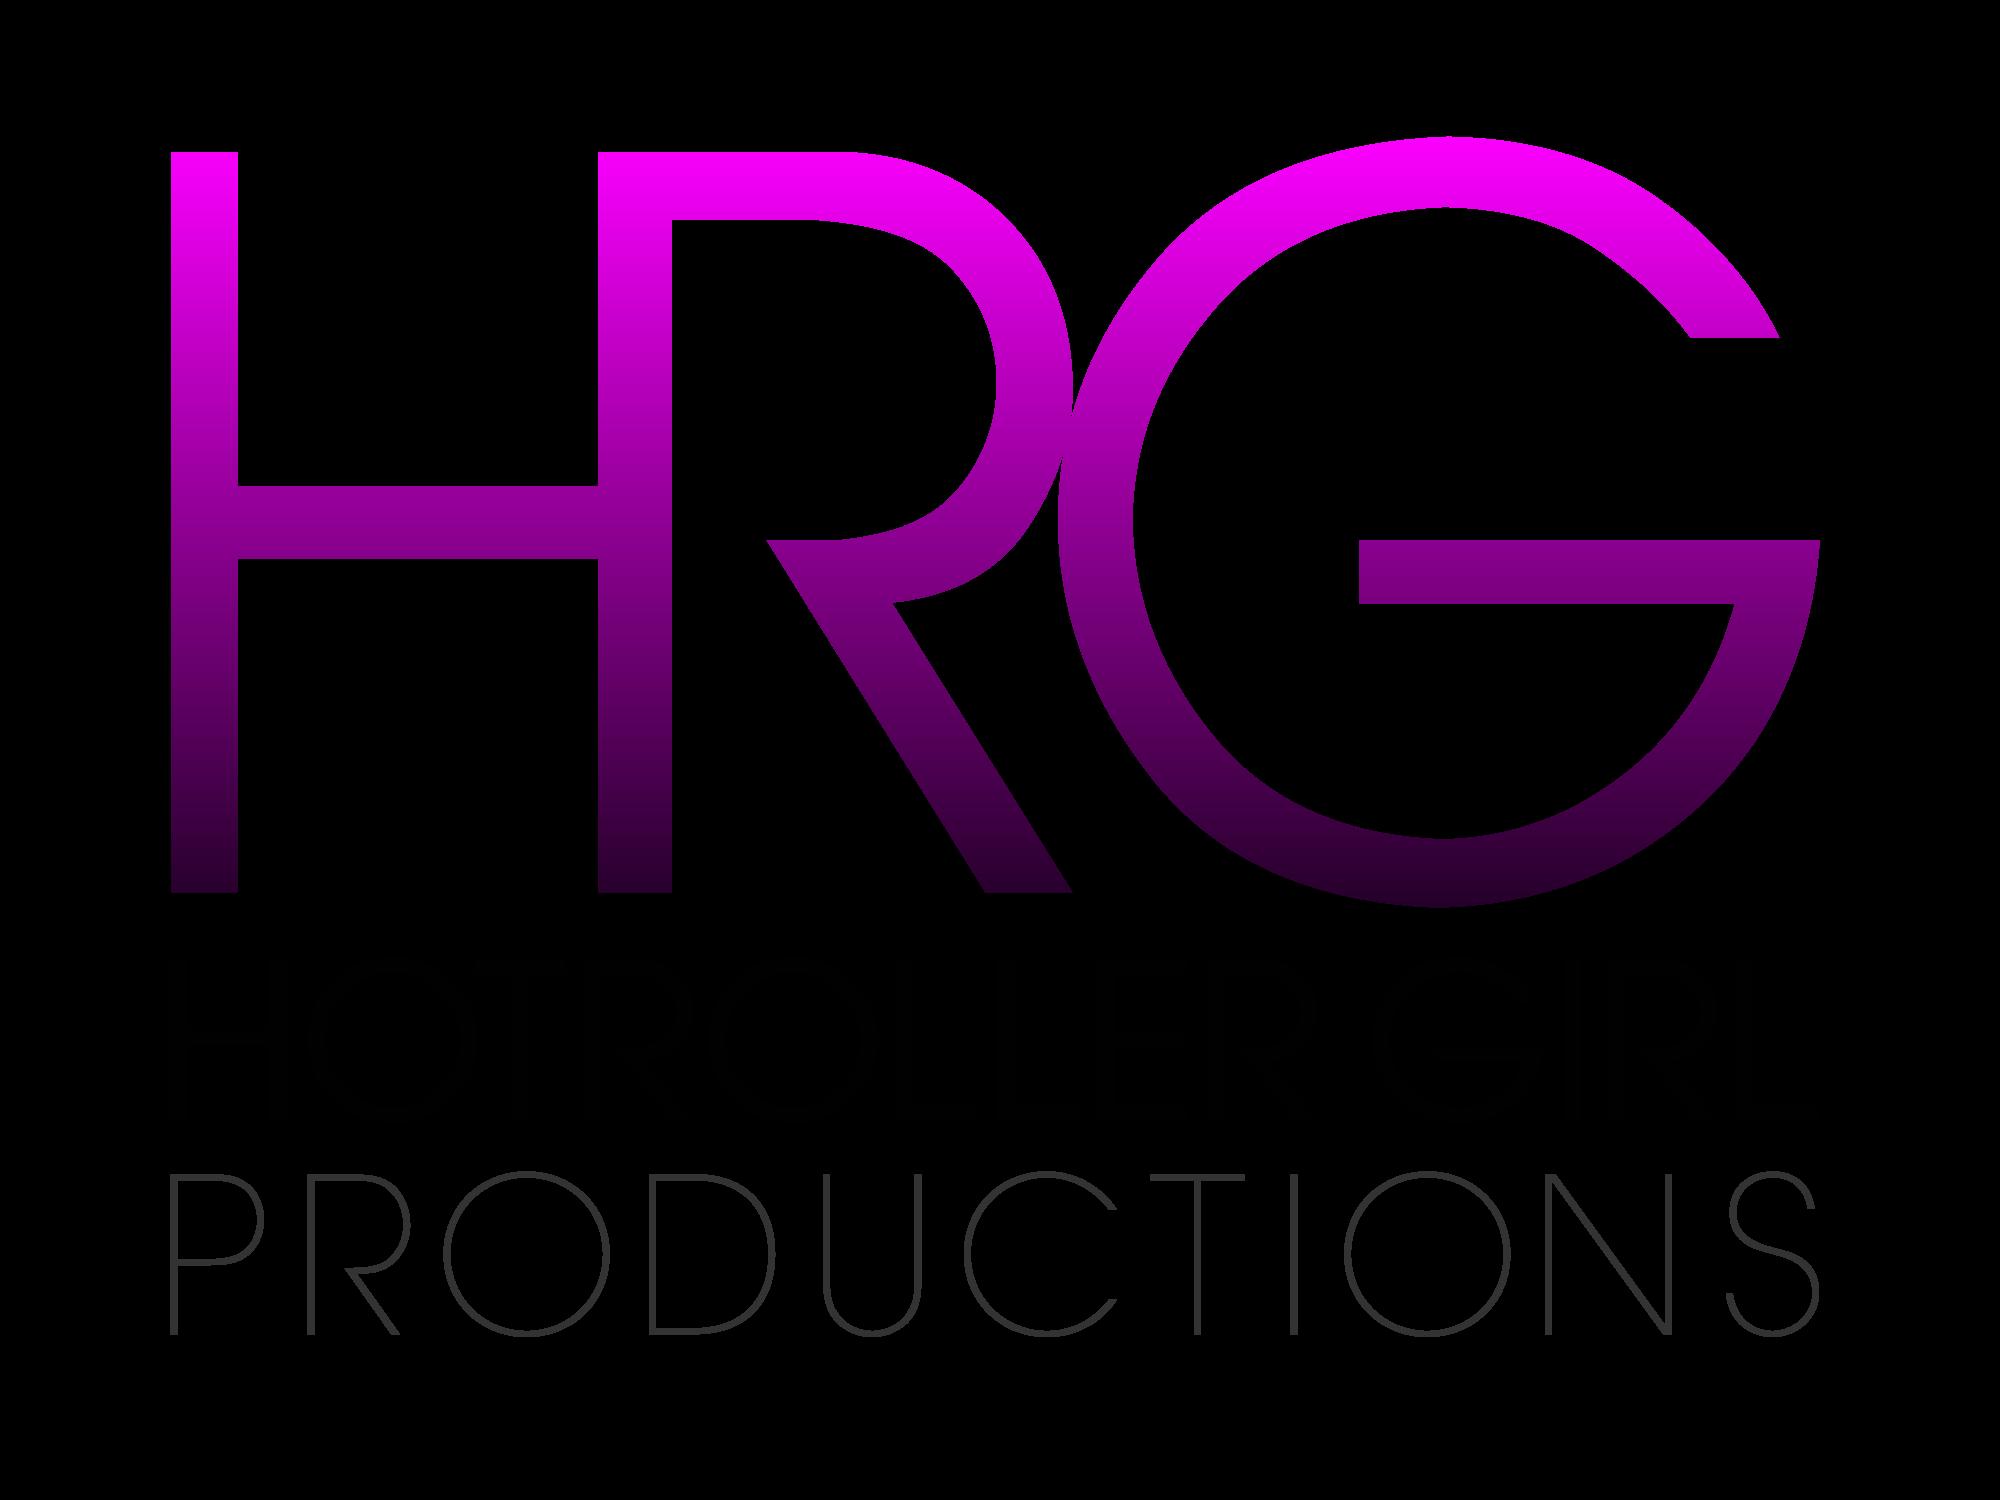 HRG-final-full-color.png